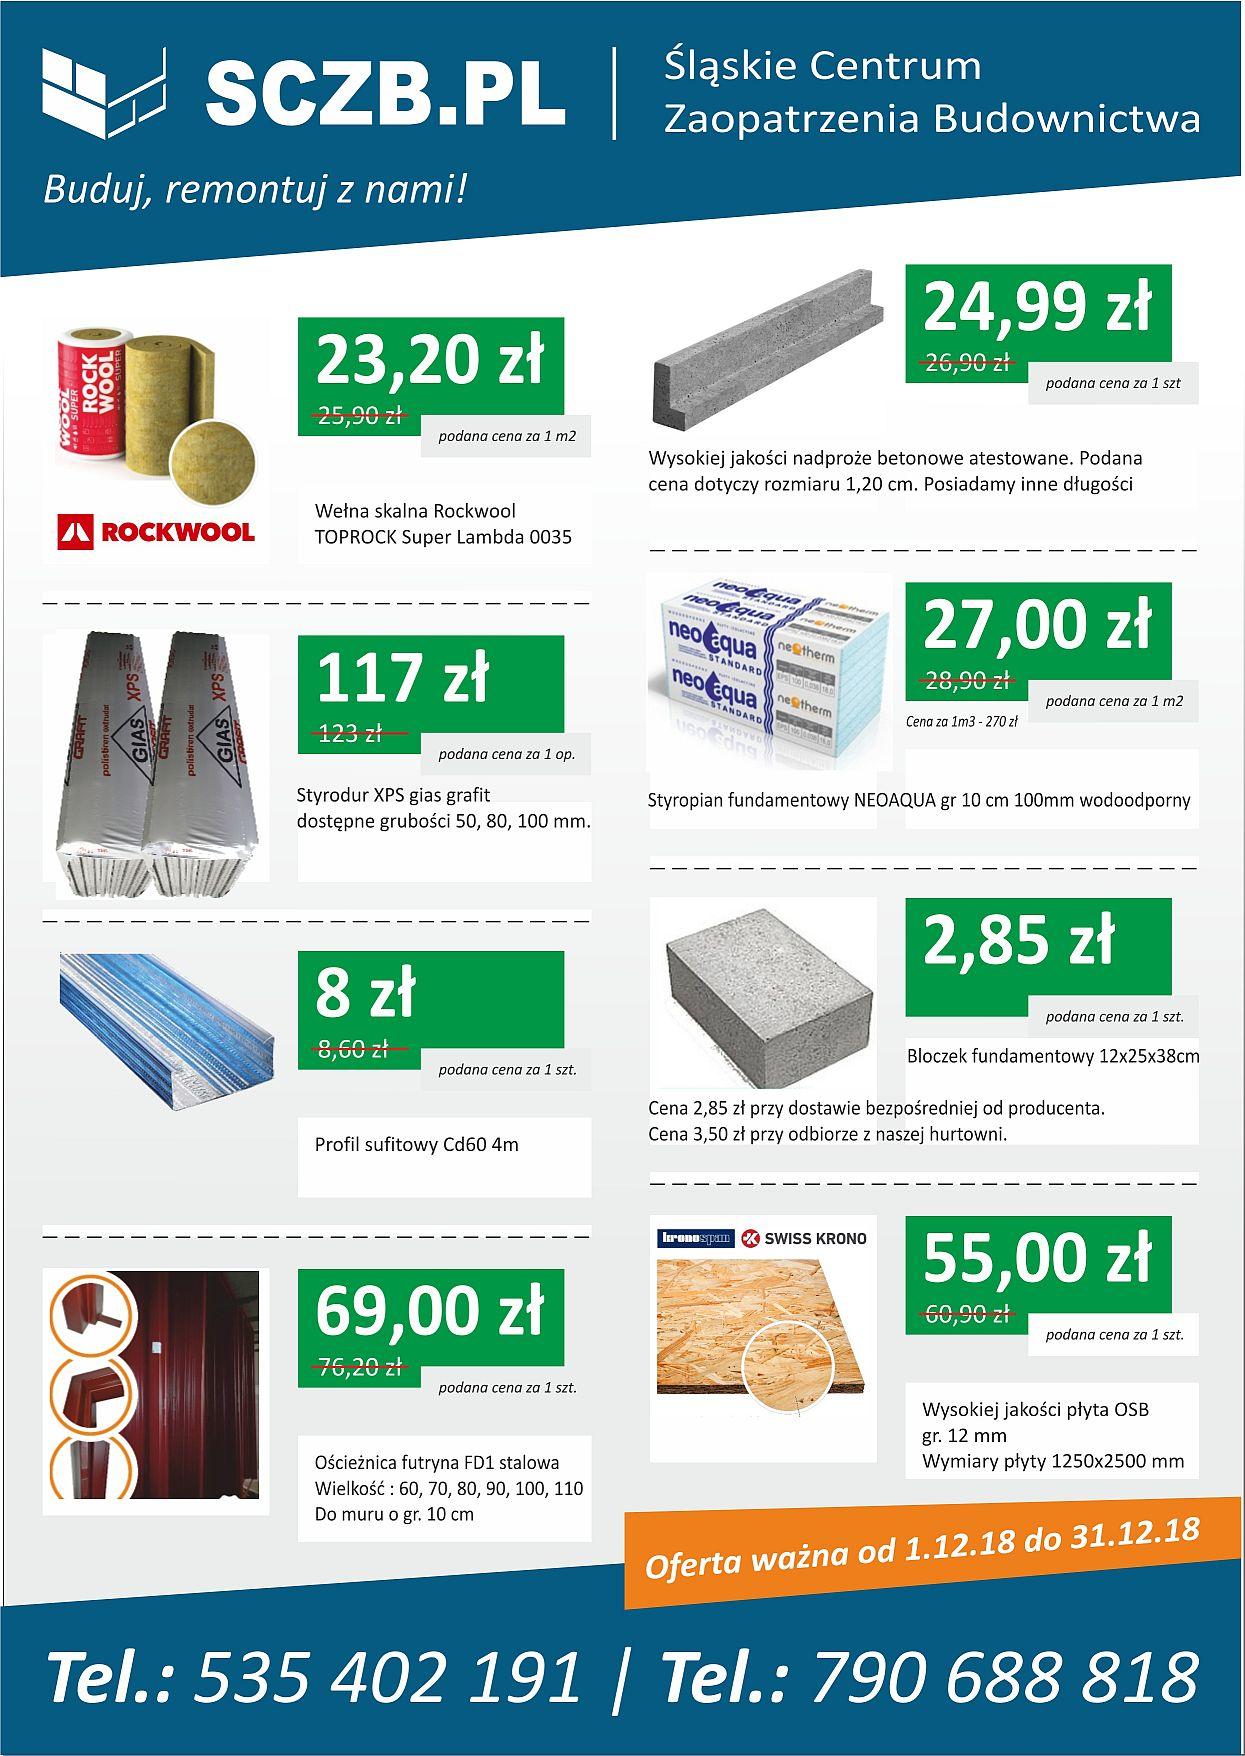 gazetka reklamowa sczb materiały budowlane